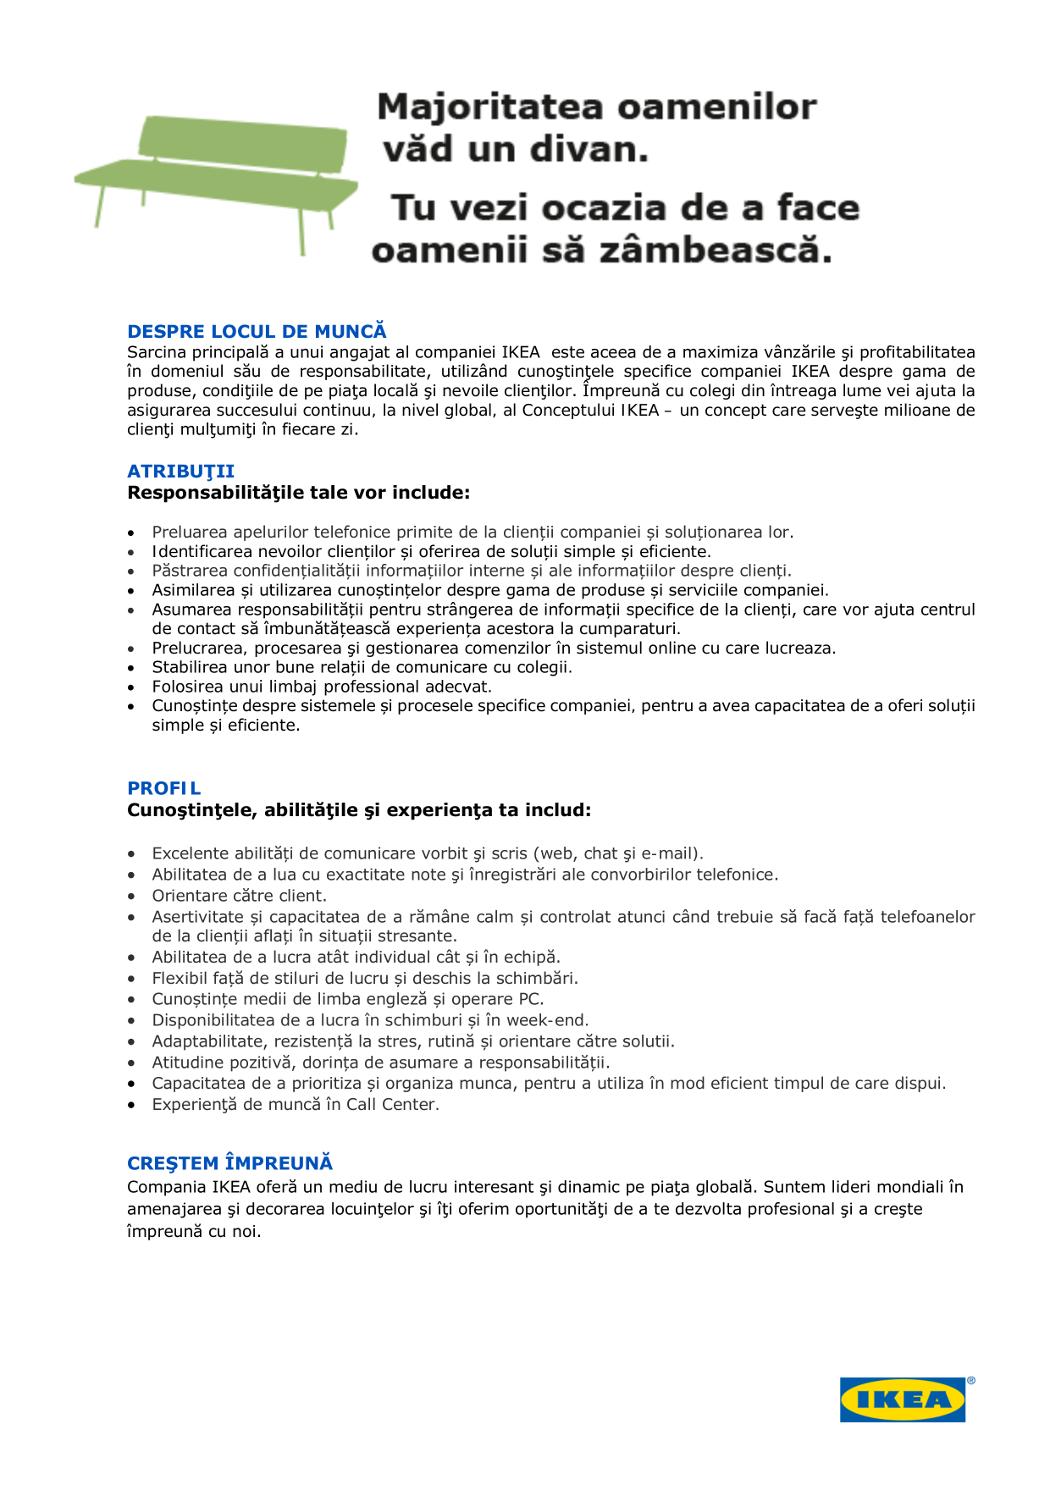 Job add - Operator relatii clienti-2